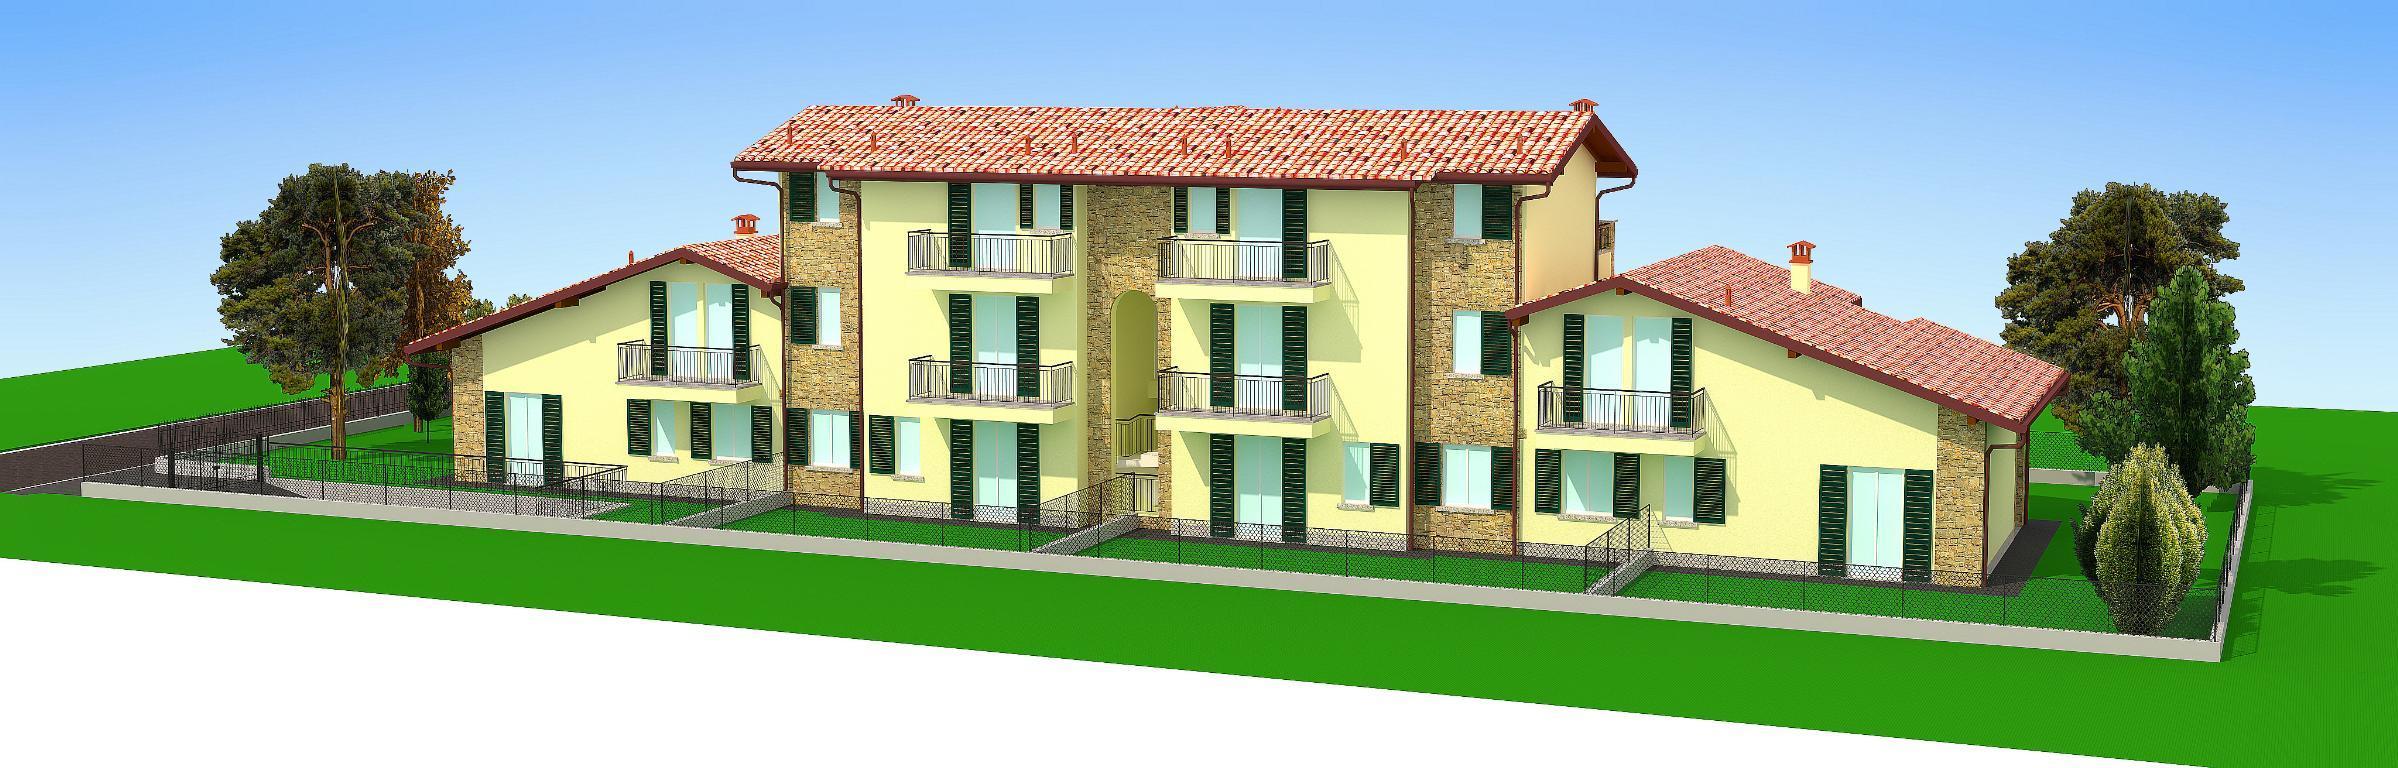 Appartamento in vendita a Bernareggio, 4 locali, zona Località: frazione, prezzo € 270.000 | CambioCasa.it